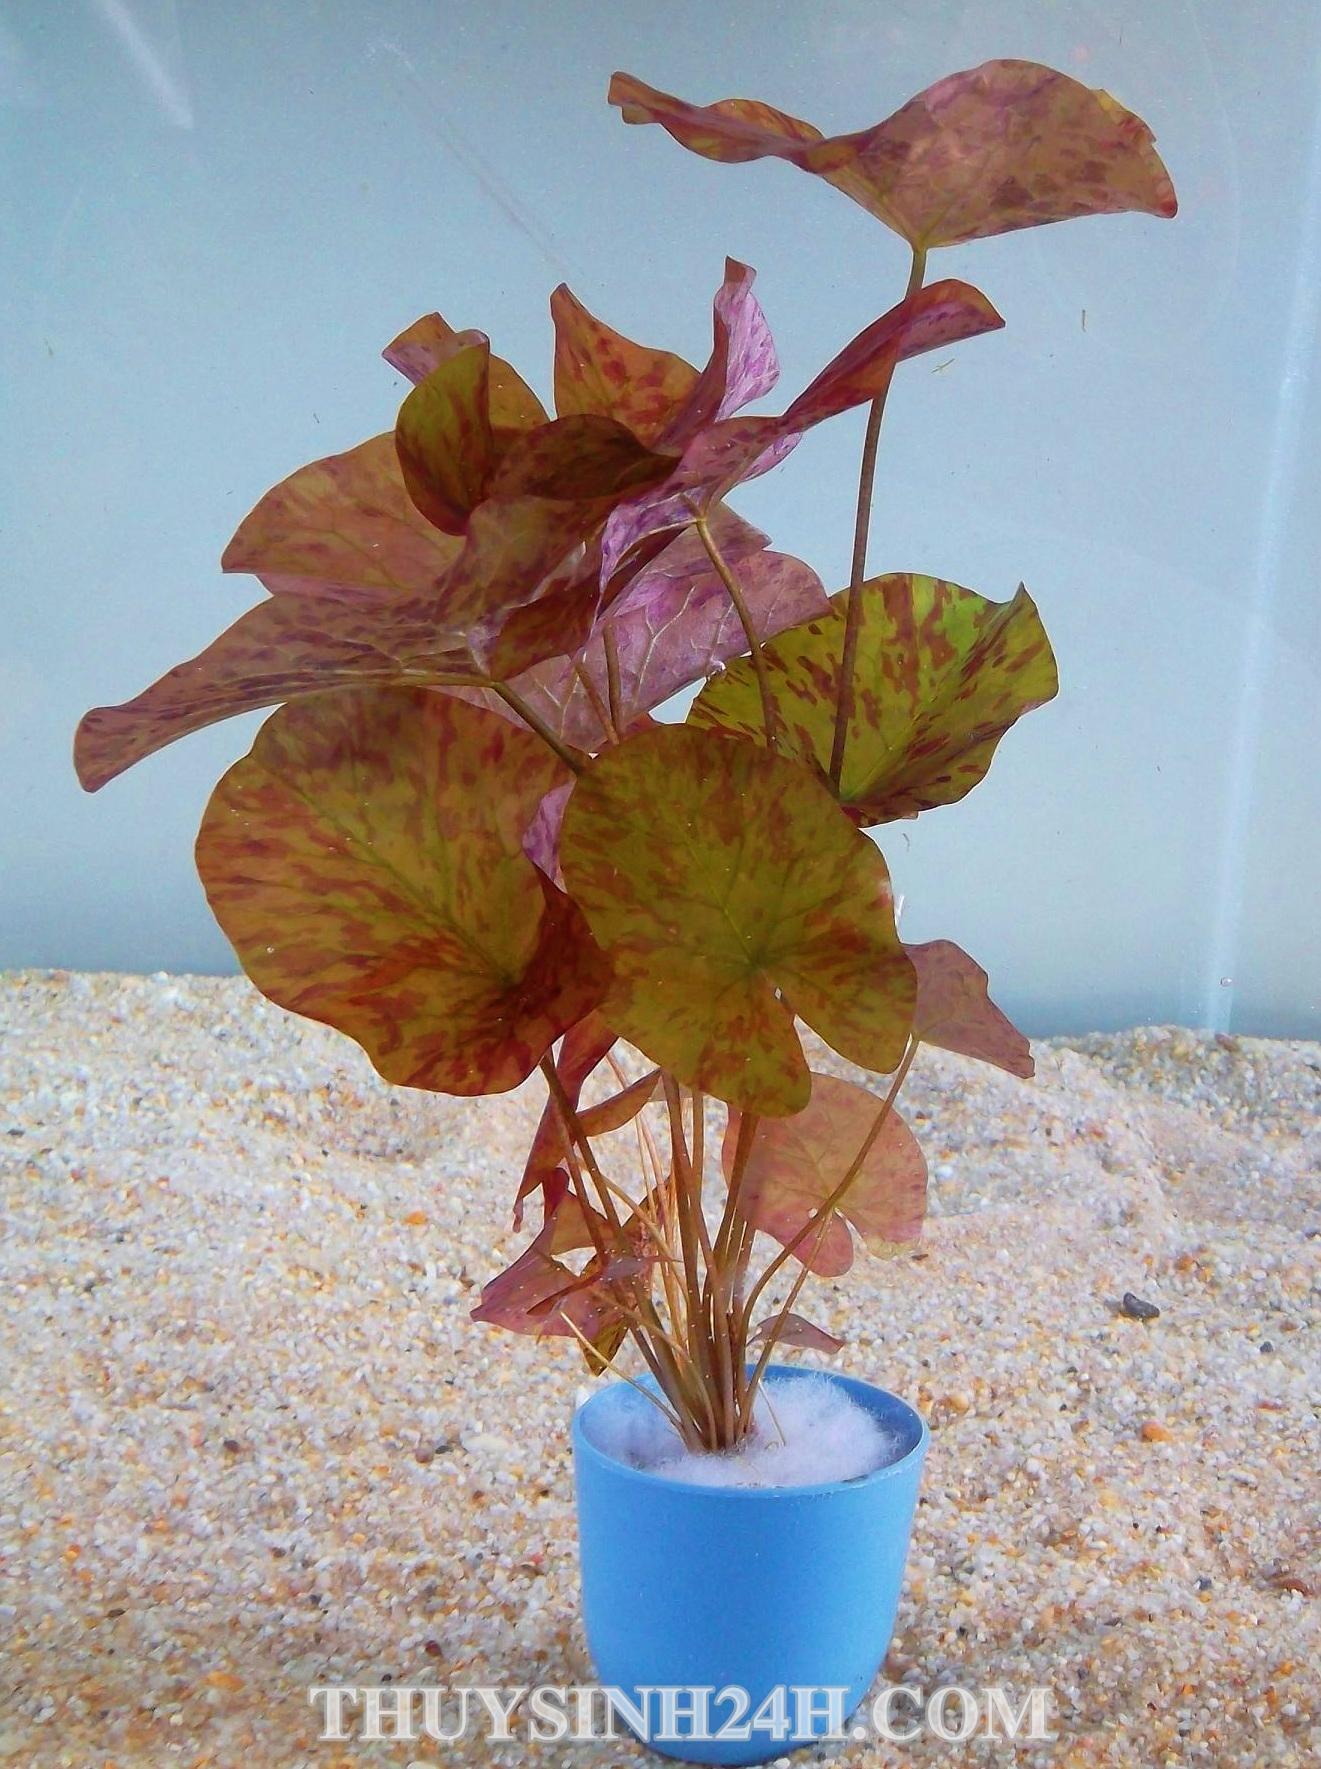 SÚNG XÁC PHÁO - SÚNG ĐỎ - Tiger lotus (Nymphaea lotus Zenkeri)